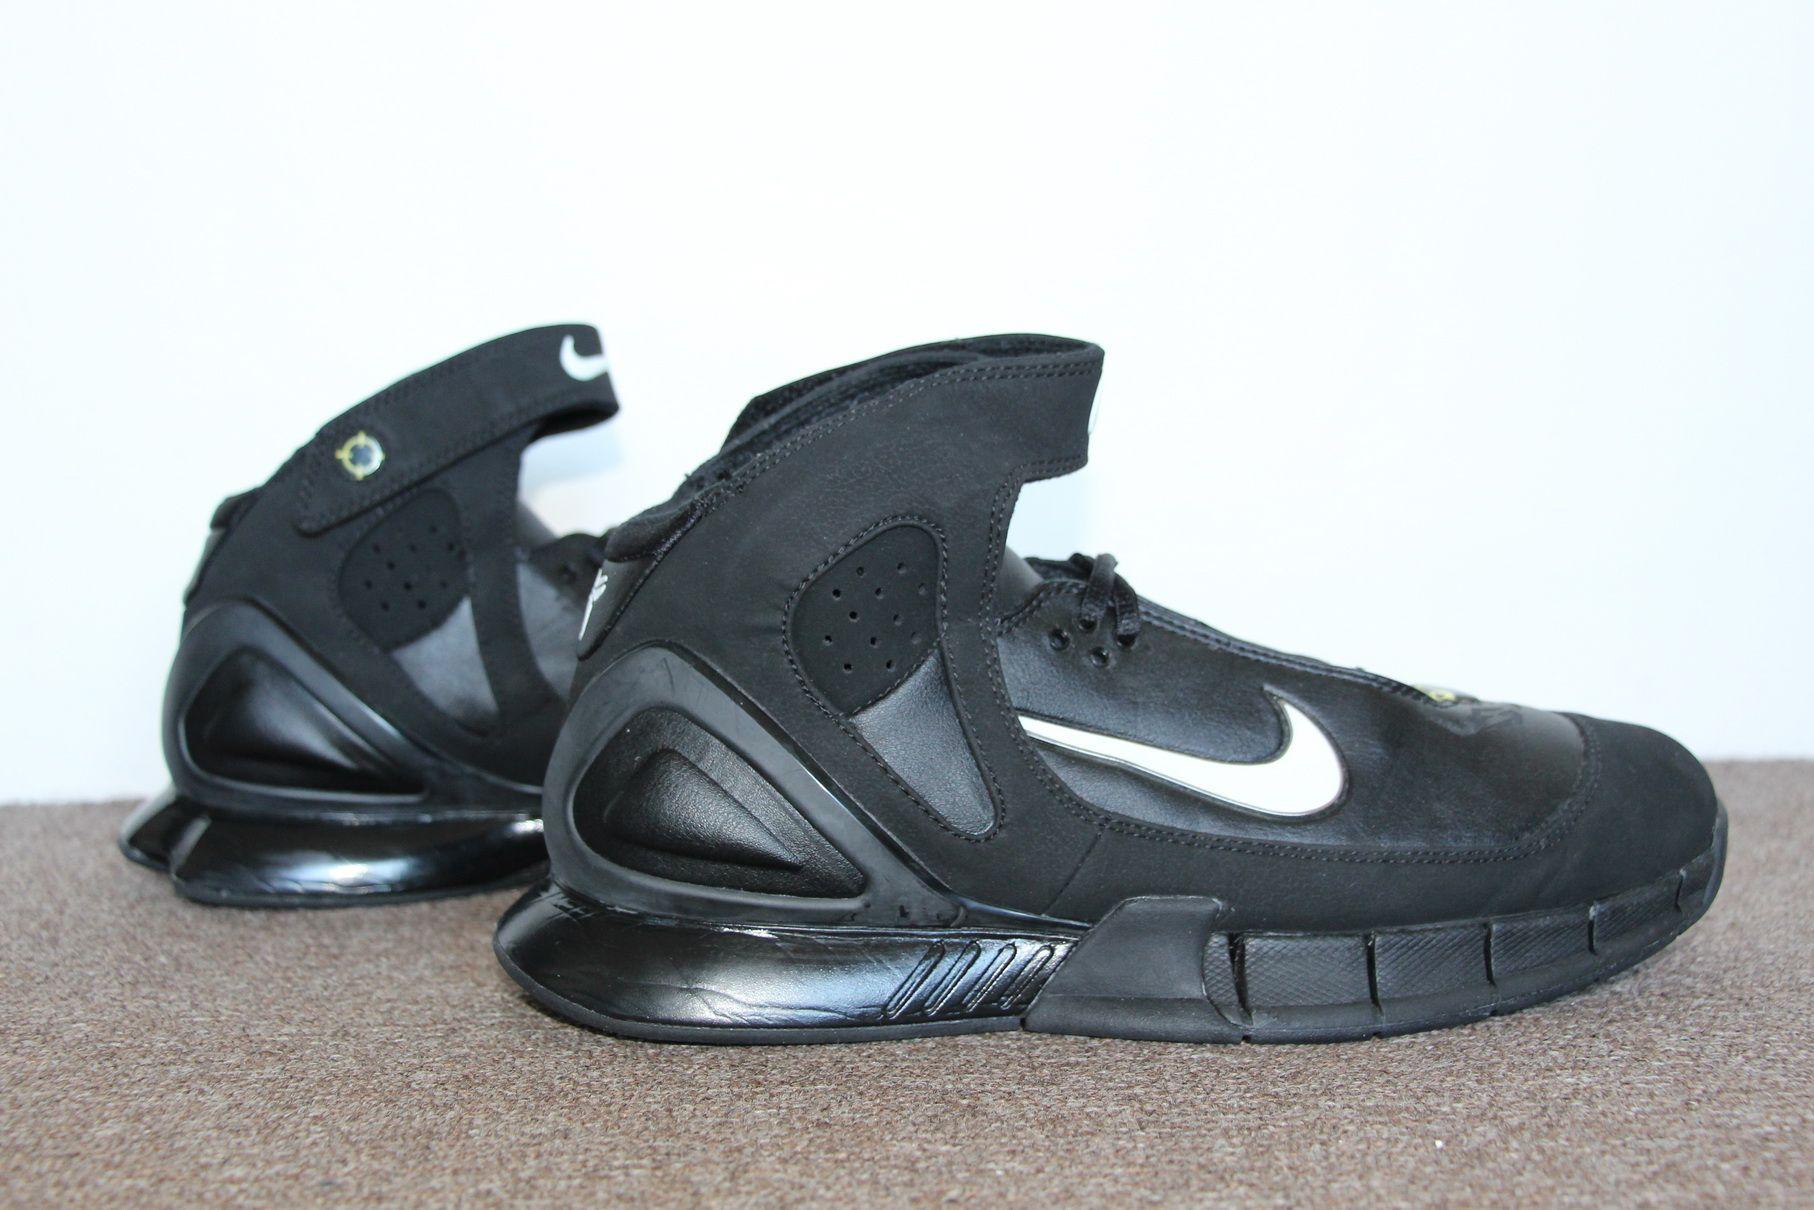 5c036d5501ad 2005 Nike Air Zoom Huarache 2K5